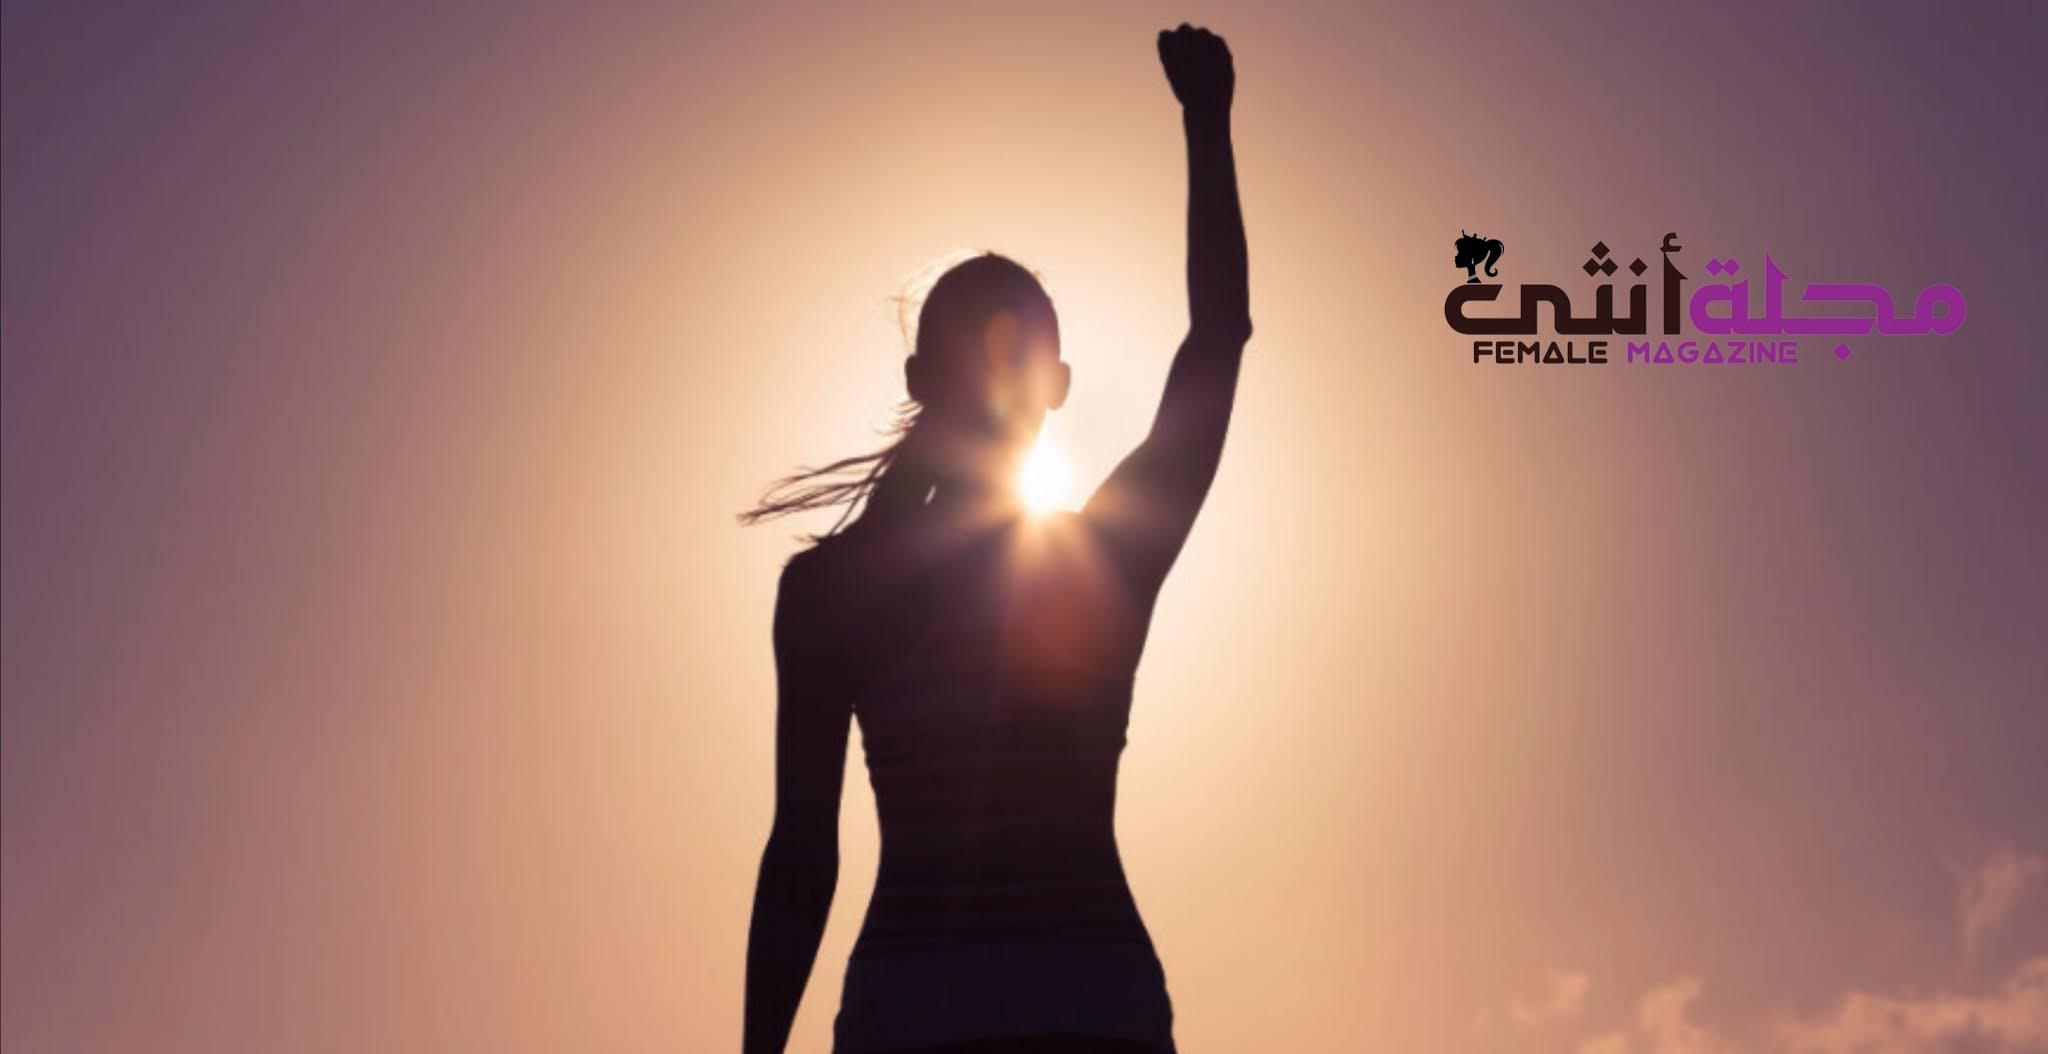 كيف أكون واثقة من نفسي و أكون شخصية قوية؟